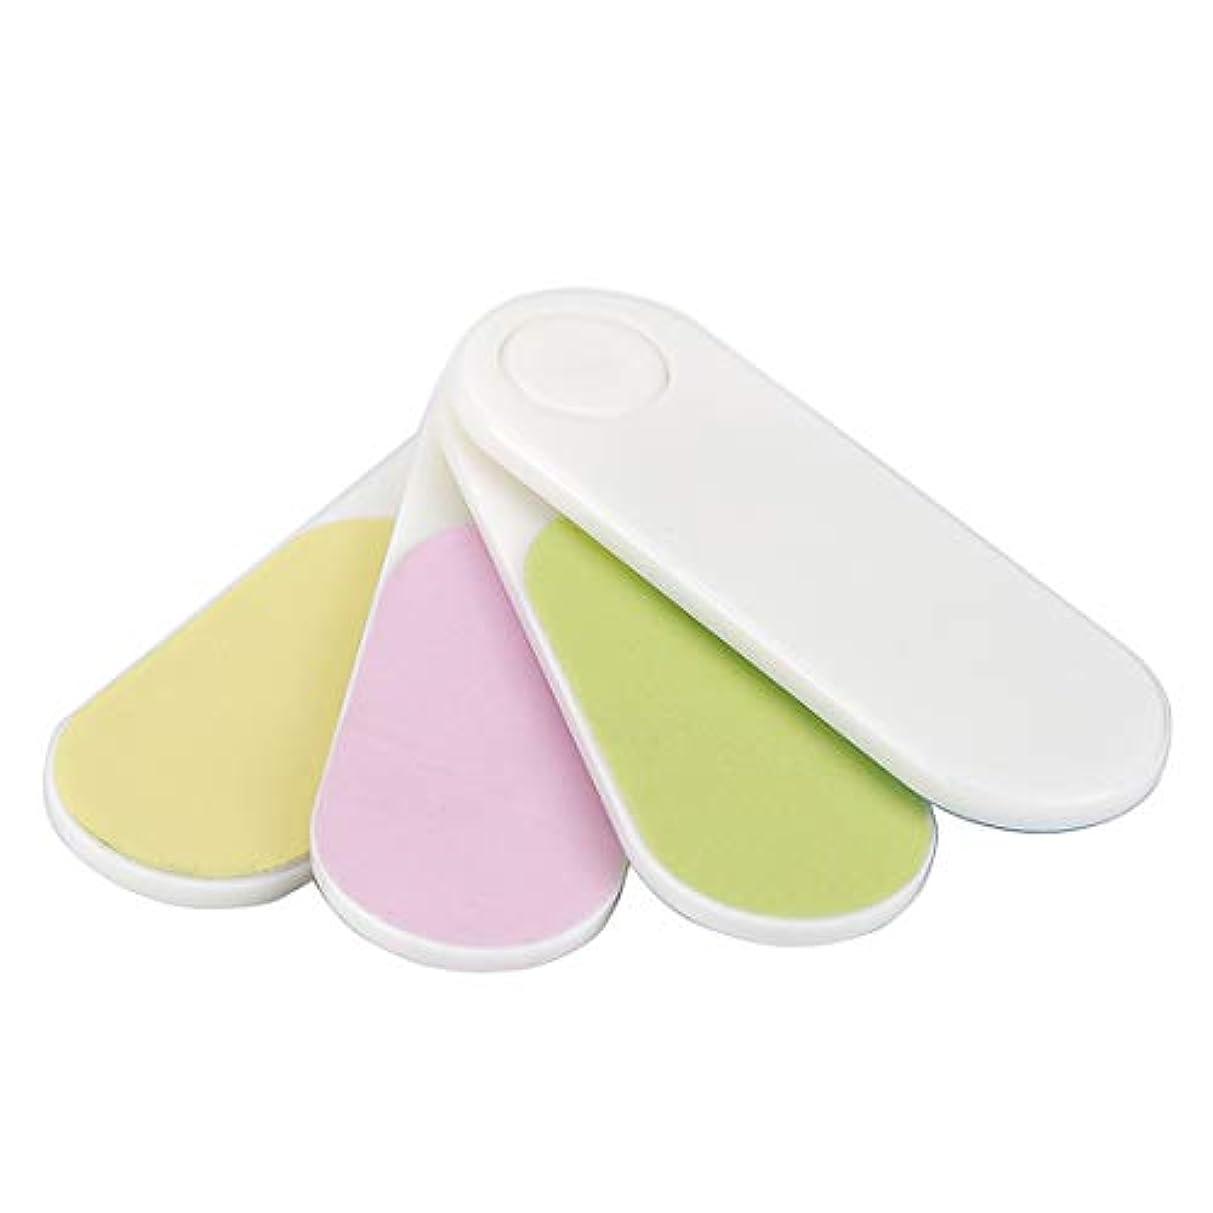 柔らかいを除く意義OU-Kunmlef 便利な携帯用のミニ扇形の爪バッファスムーズな旅行(None Color random)